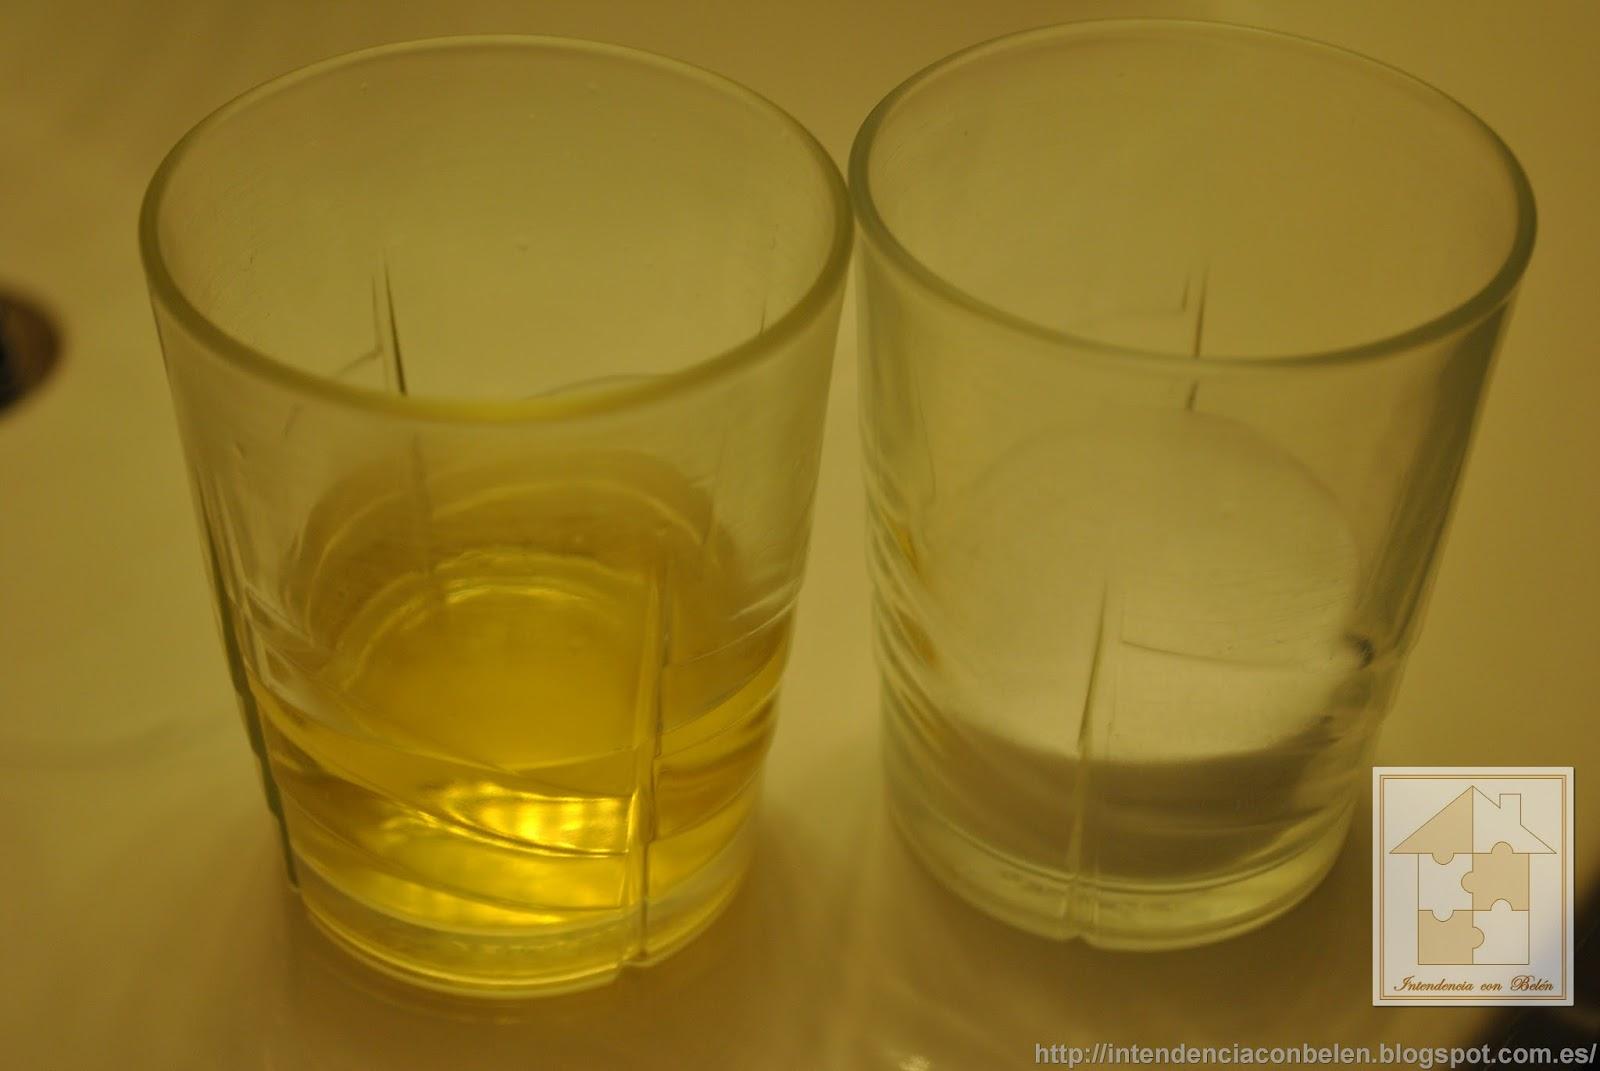 Baño Con Vinagre Blanco: wáter, partes iguales de vinagre blanco y bicarbonato de sodio